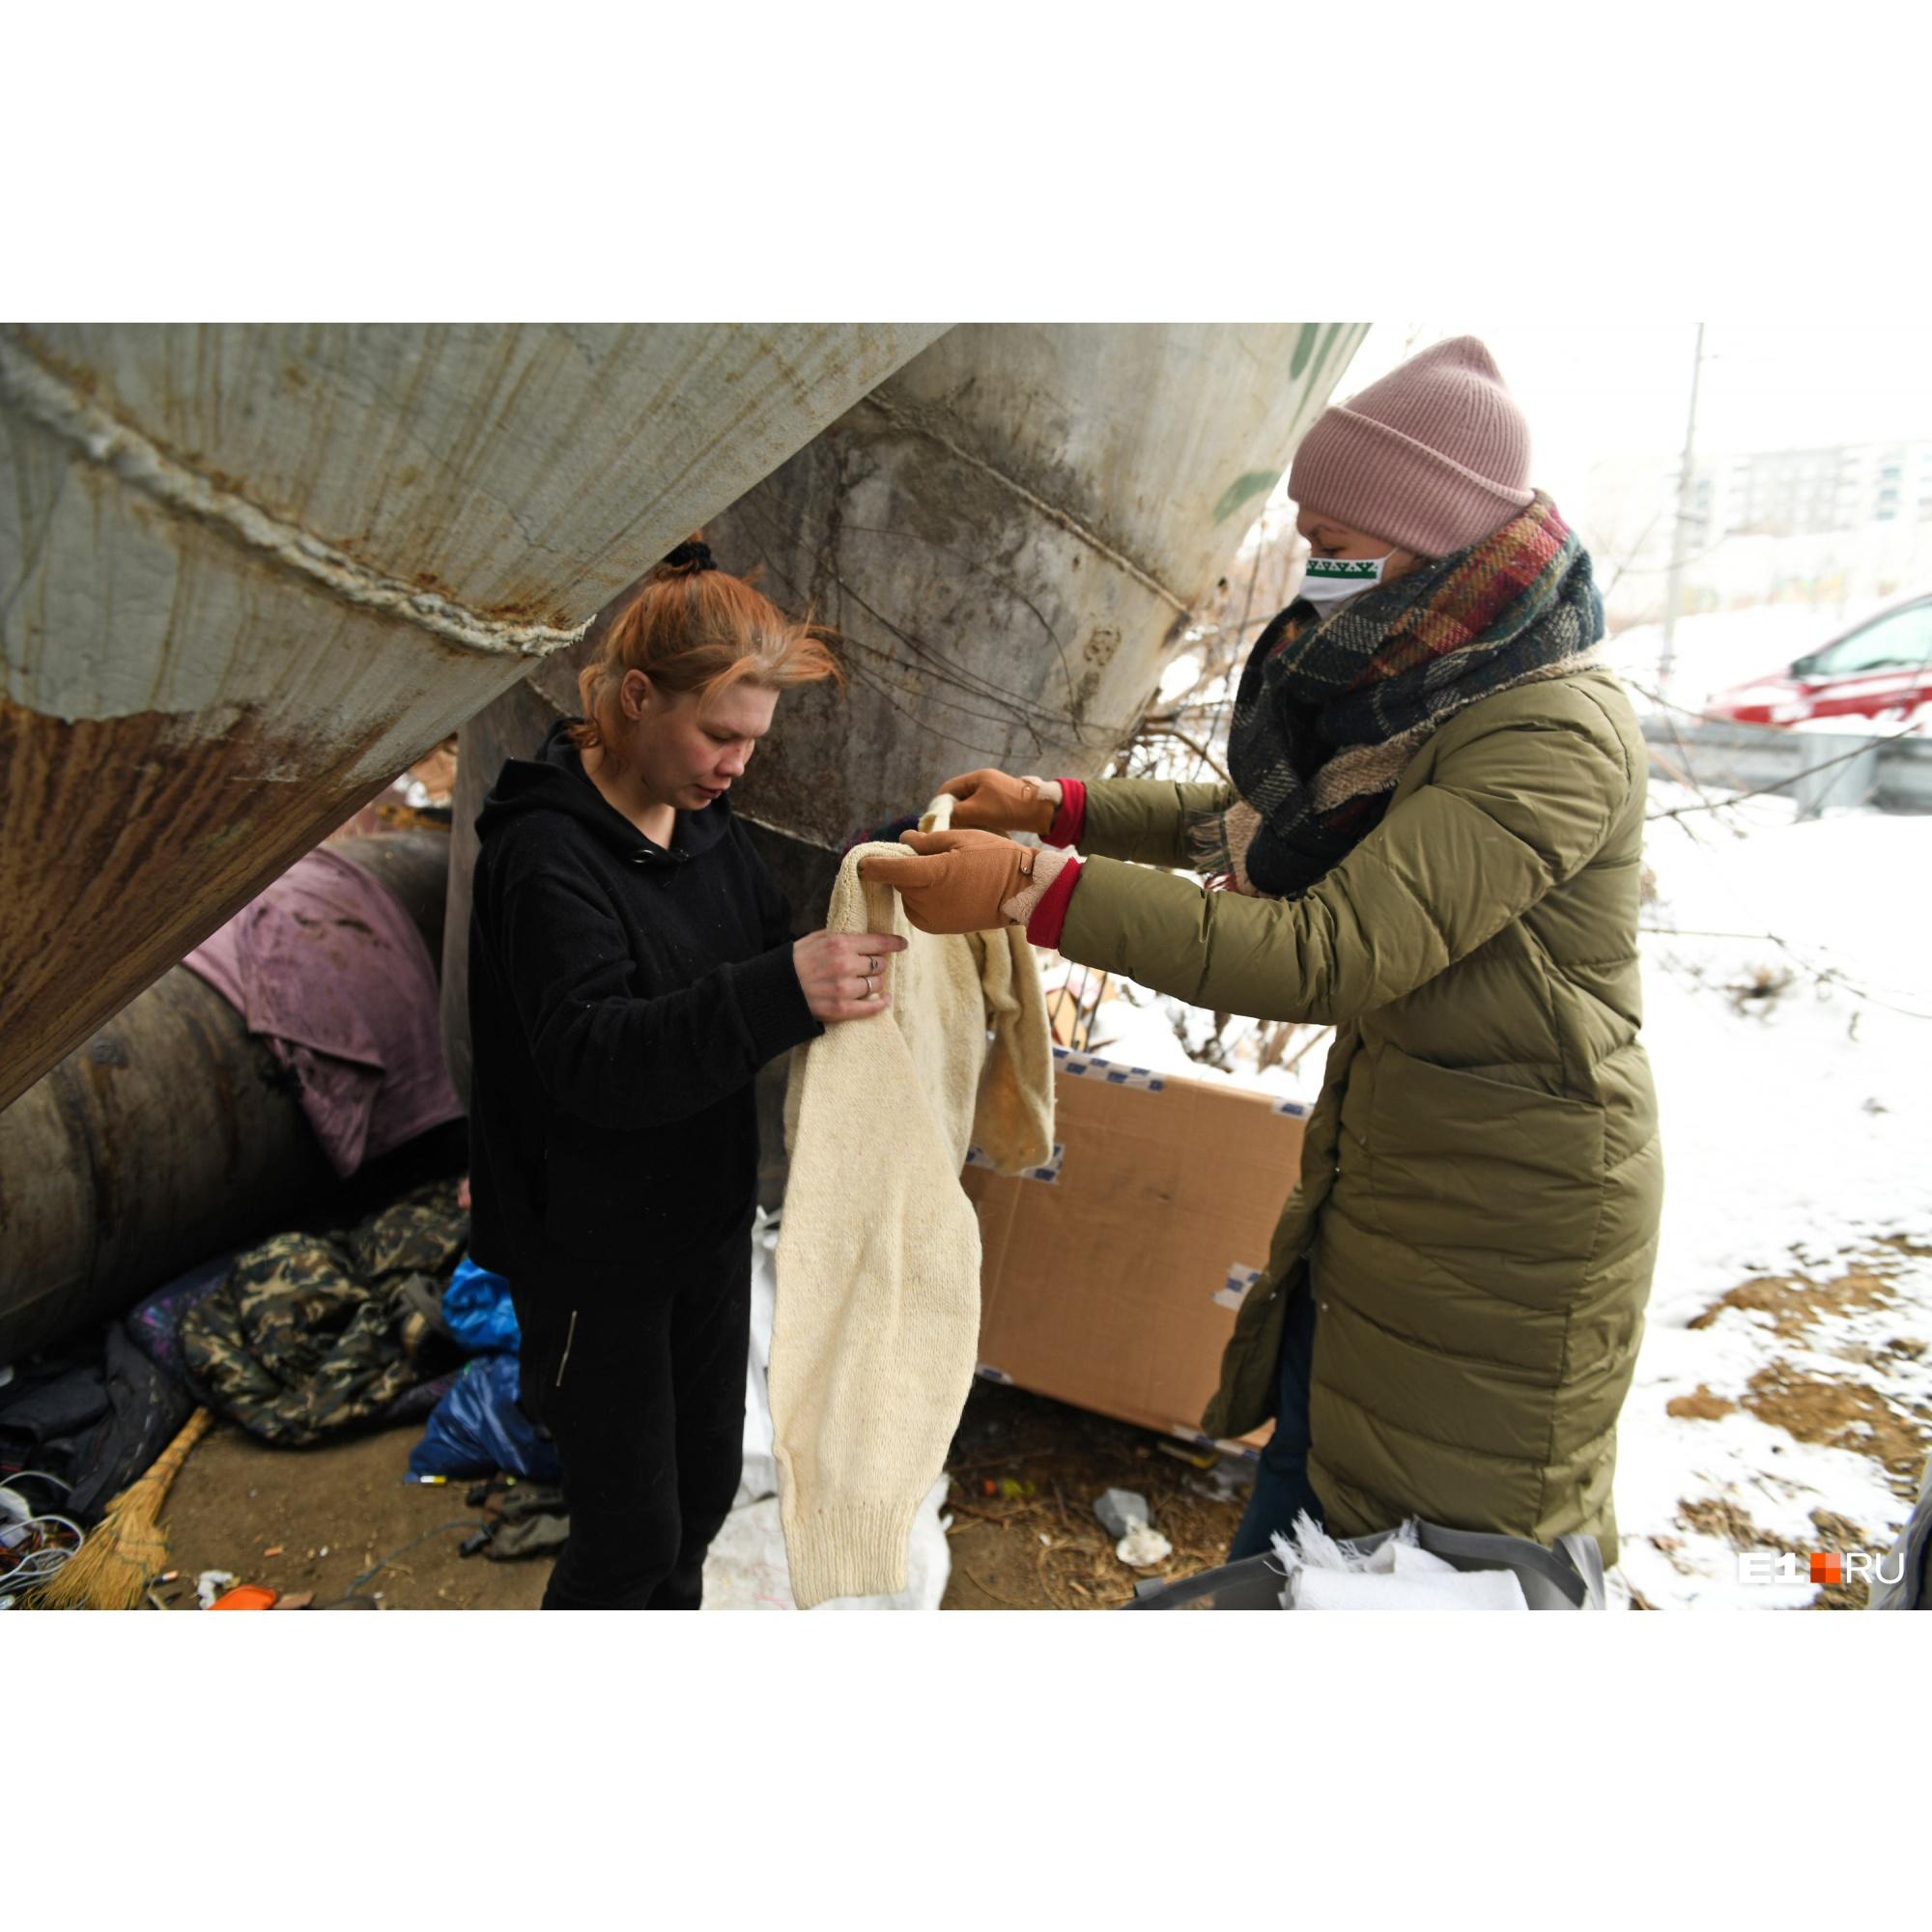 Благодаря теплым вещам, которые передают благотворители, бездомные могут пережить зиму